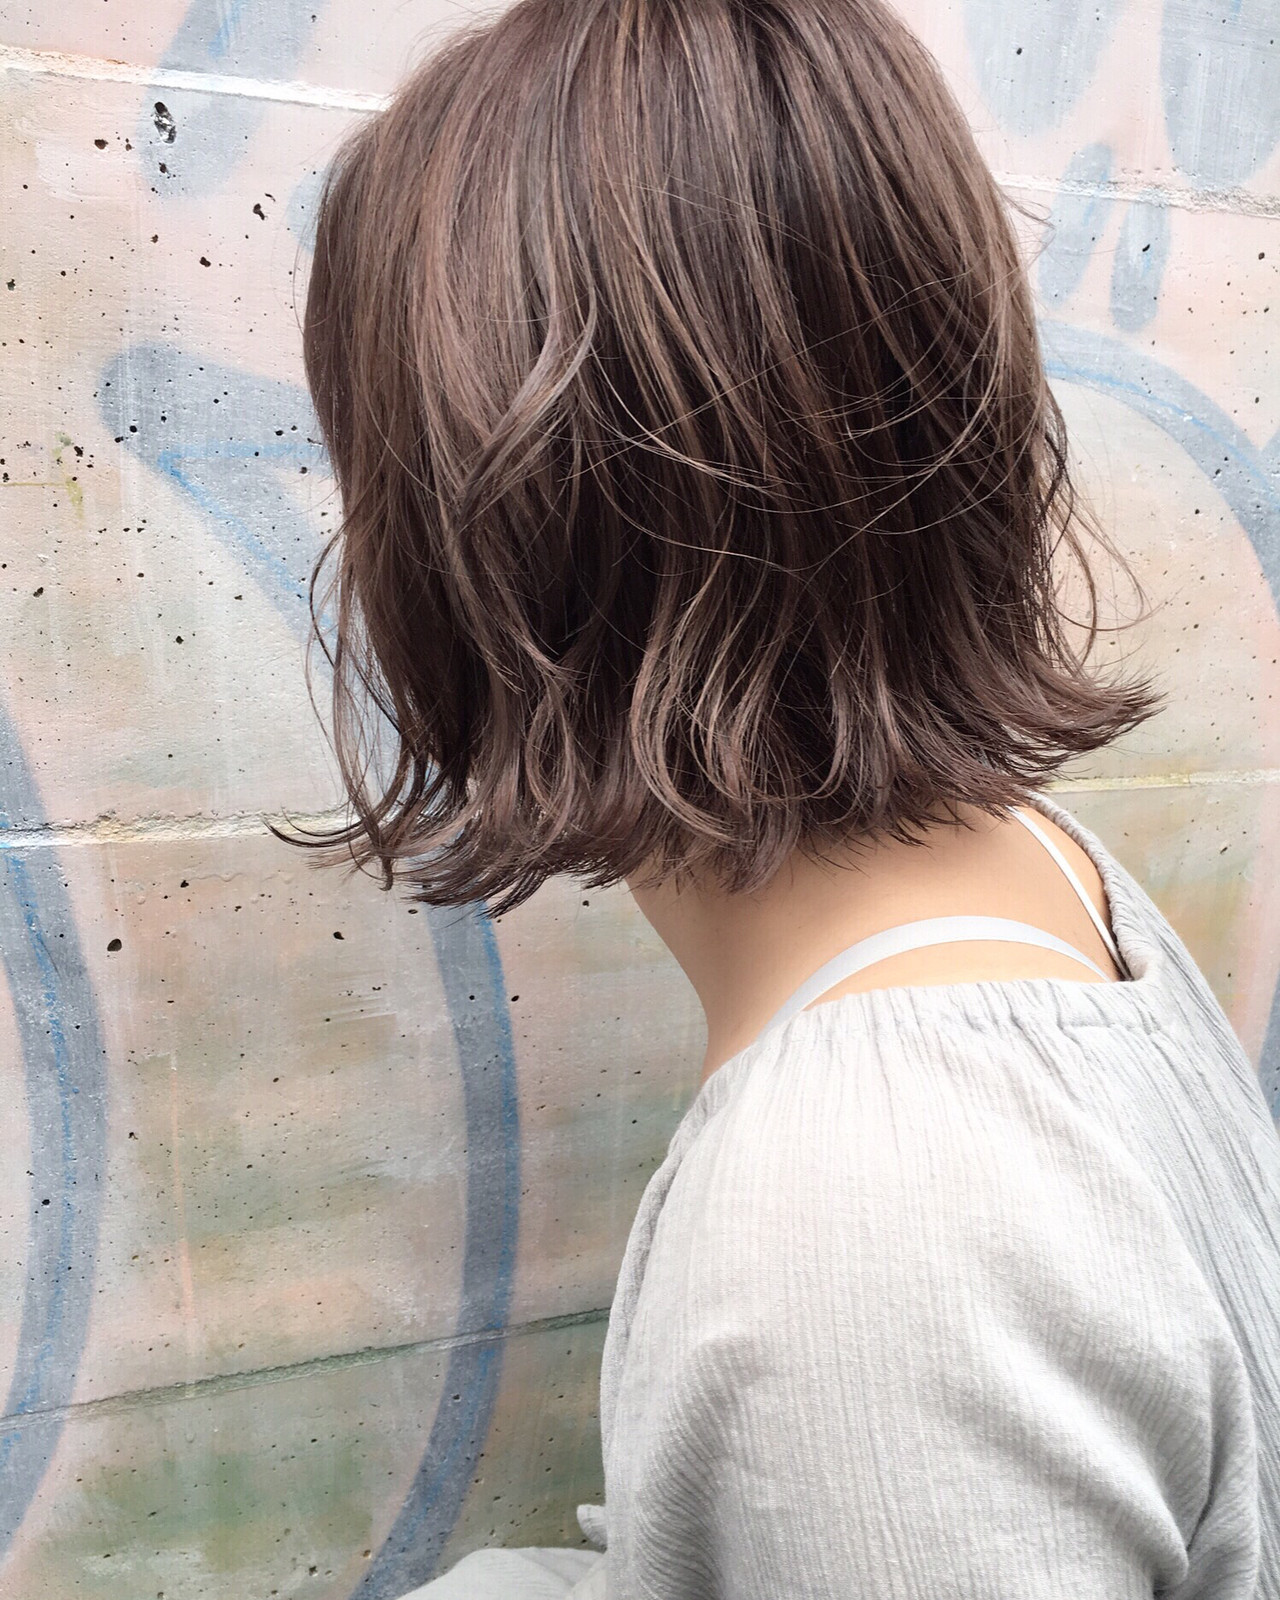 オフィス デート 成人式 ヘアアレンジ ヘアスタイルや髪型の写真・画像